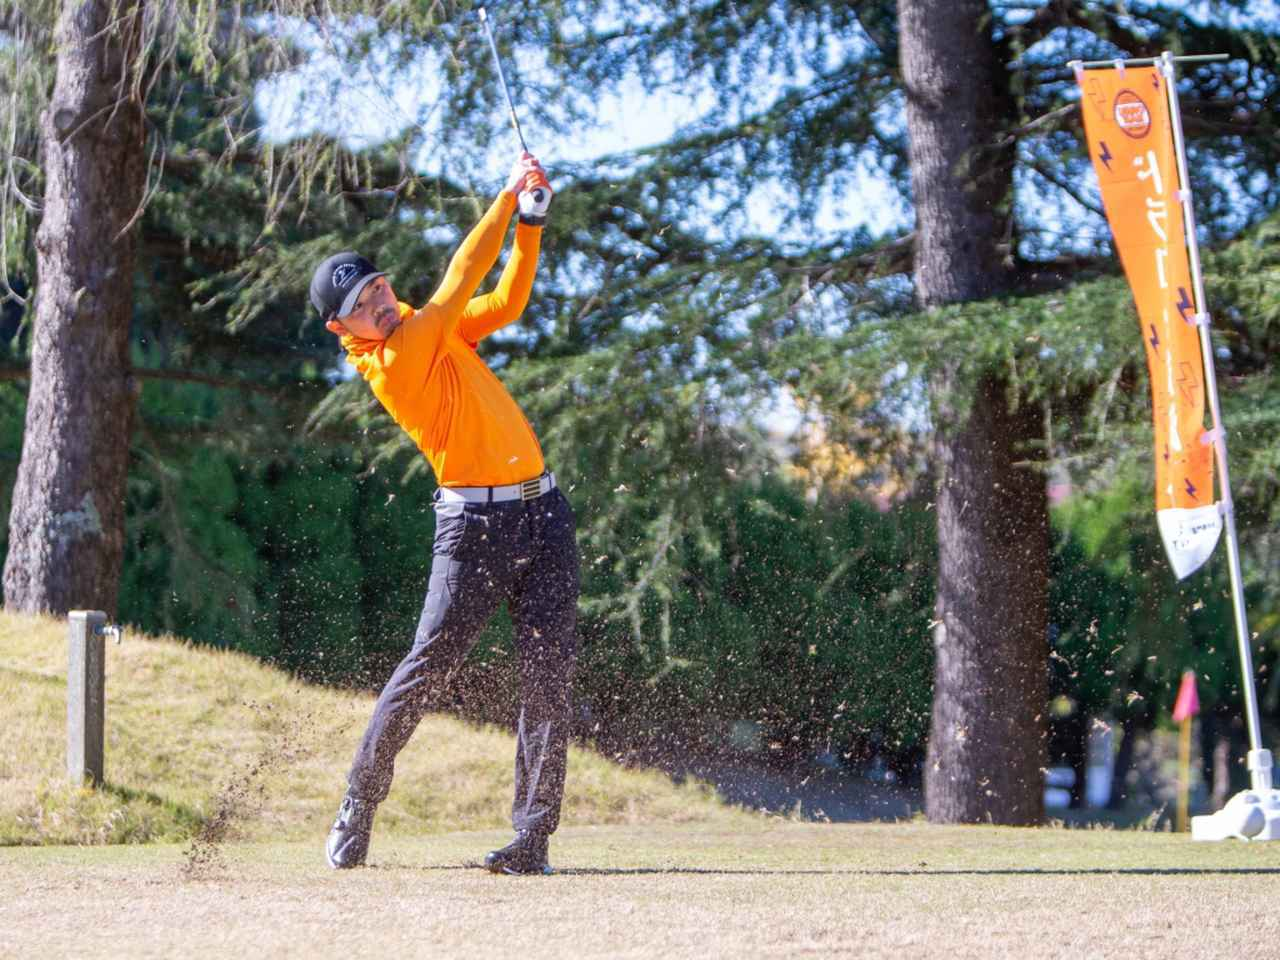 画像: 「寝ても覚めても考えるのはゴルフのこと。ゴルフ好きが高じてオレンジマンのロゴ入りカートバッグやマーカーも作っています」